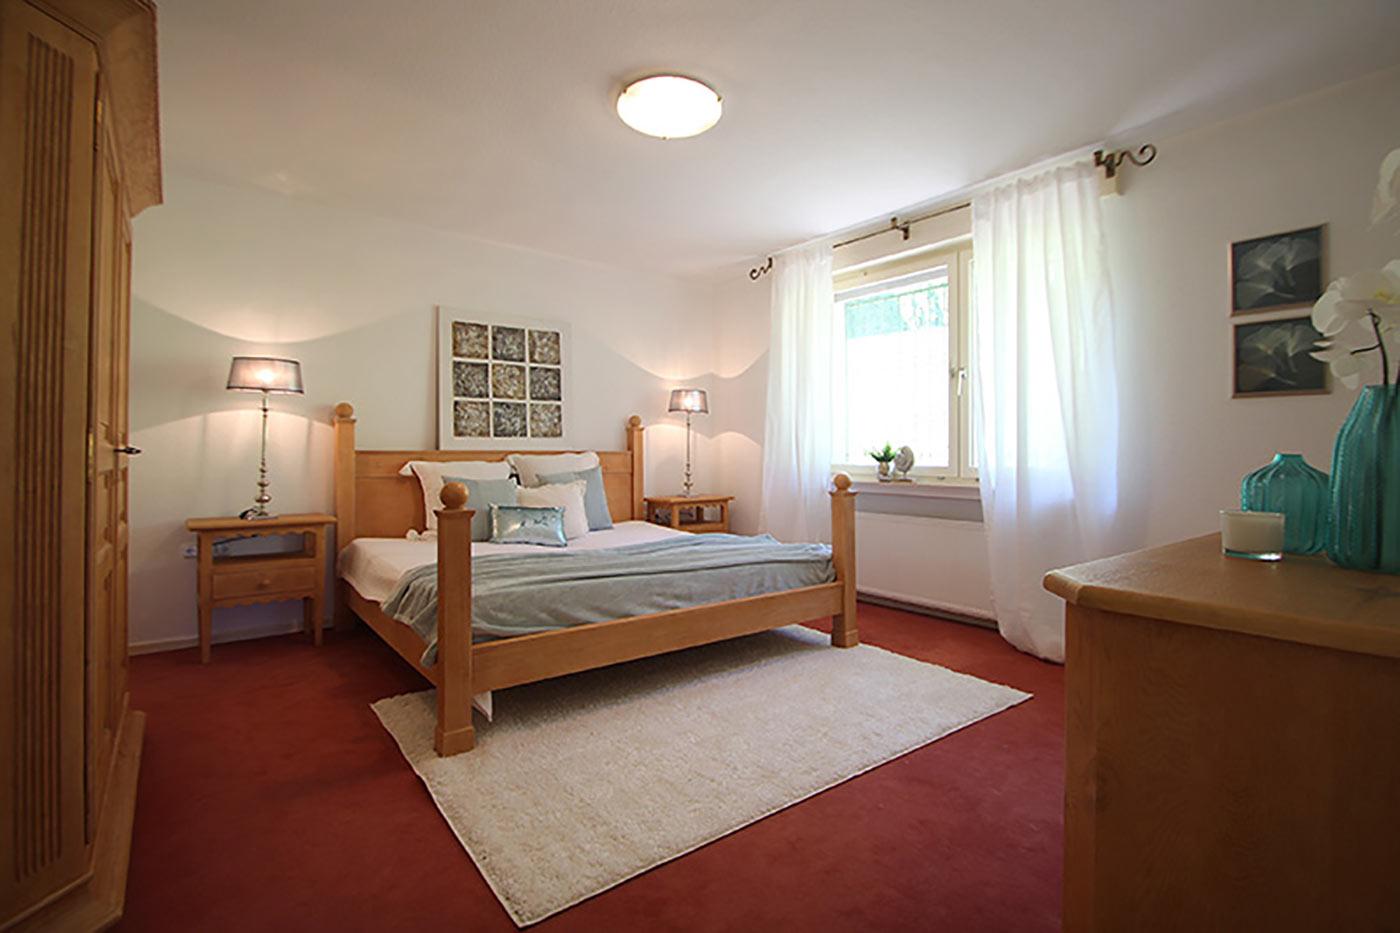 Homestaging für das Schlafzimmer in Türkis und Gold durch Blickfang Homestaging - Nicole Biernath